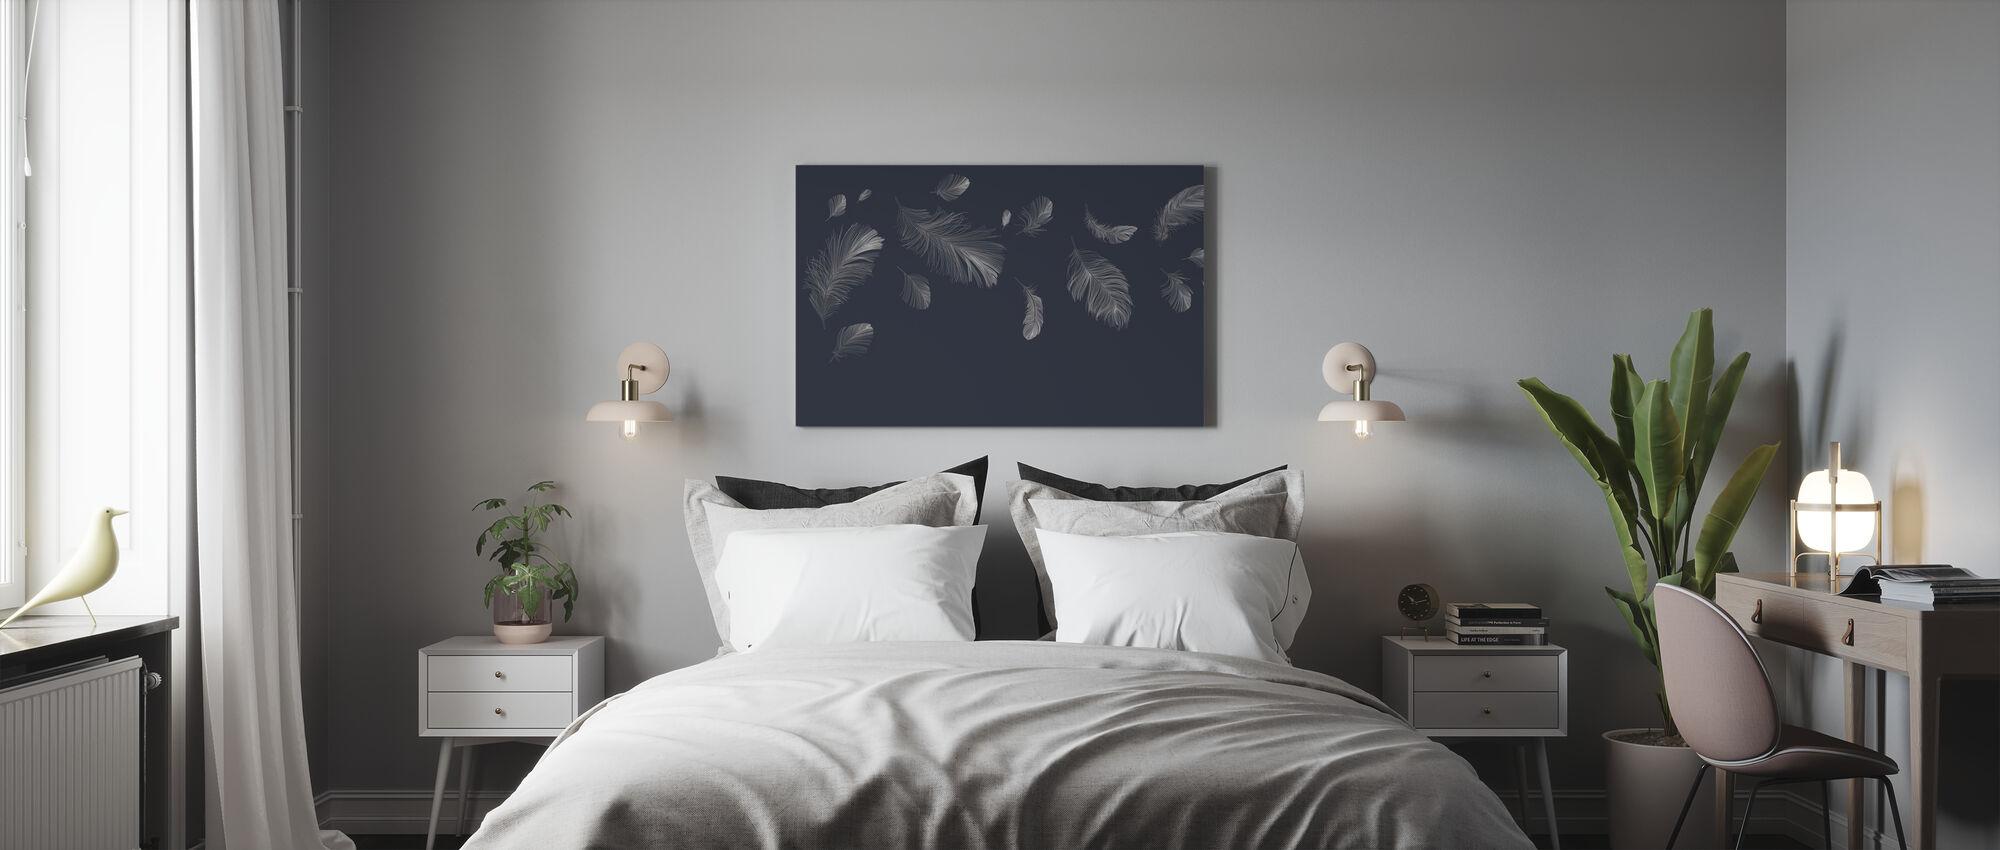 Flyvende fjer - Mørkeblå - Billede på lærred - Soveværelse